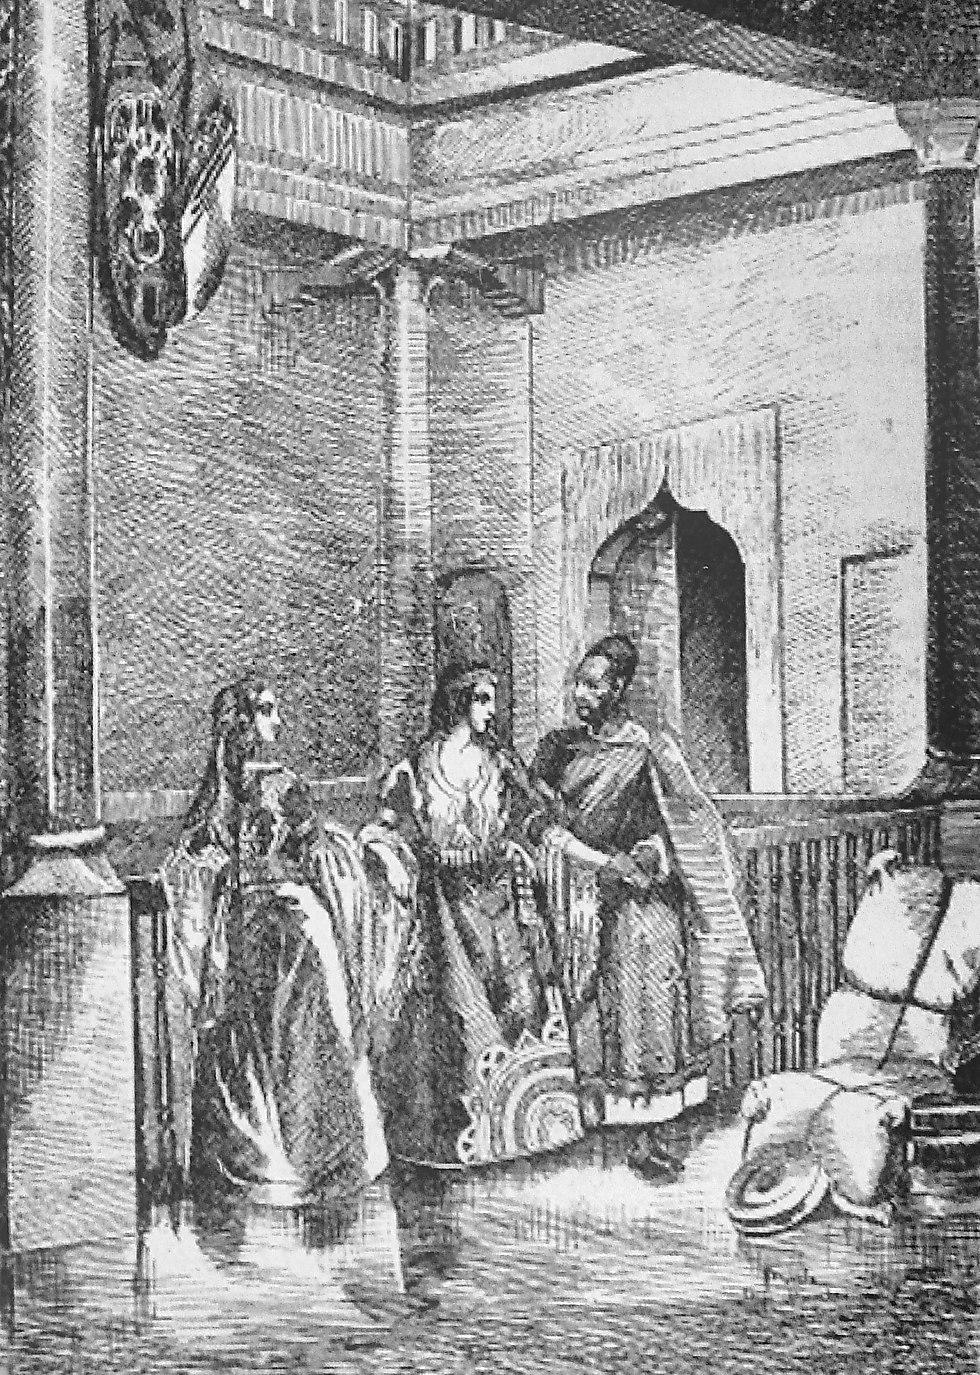 בית יהודי באסואירה, ראשית המאה ה-19 (תחריט: דרונדו)